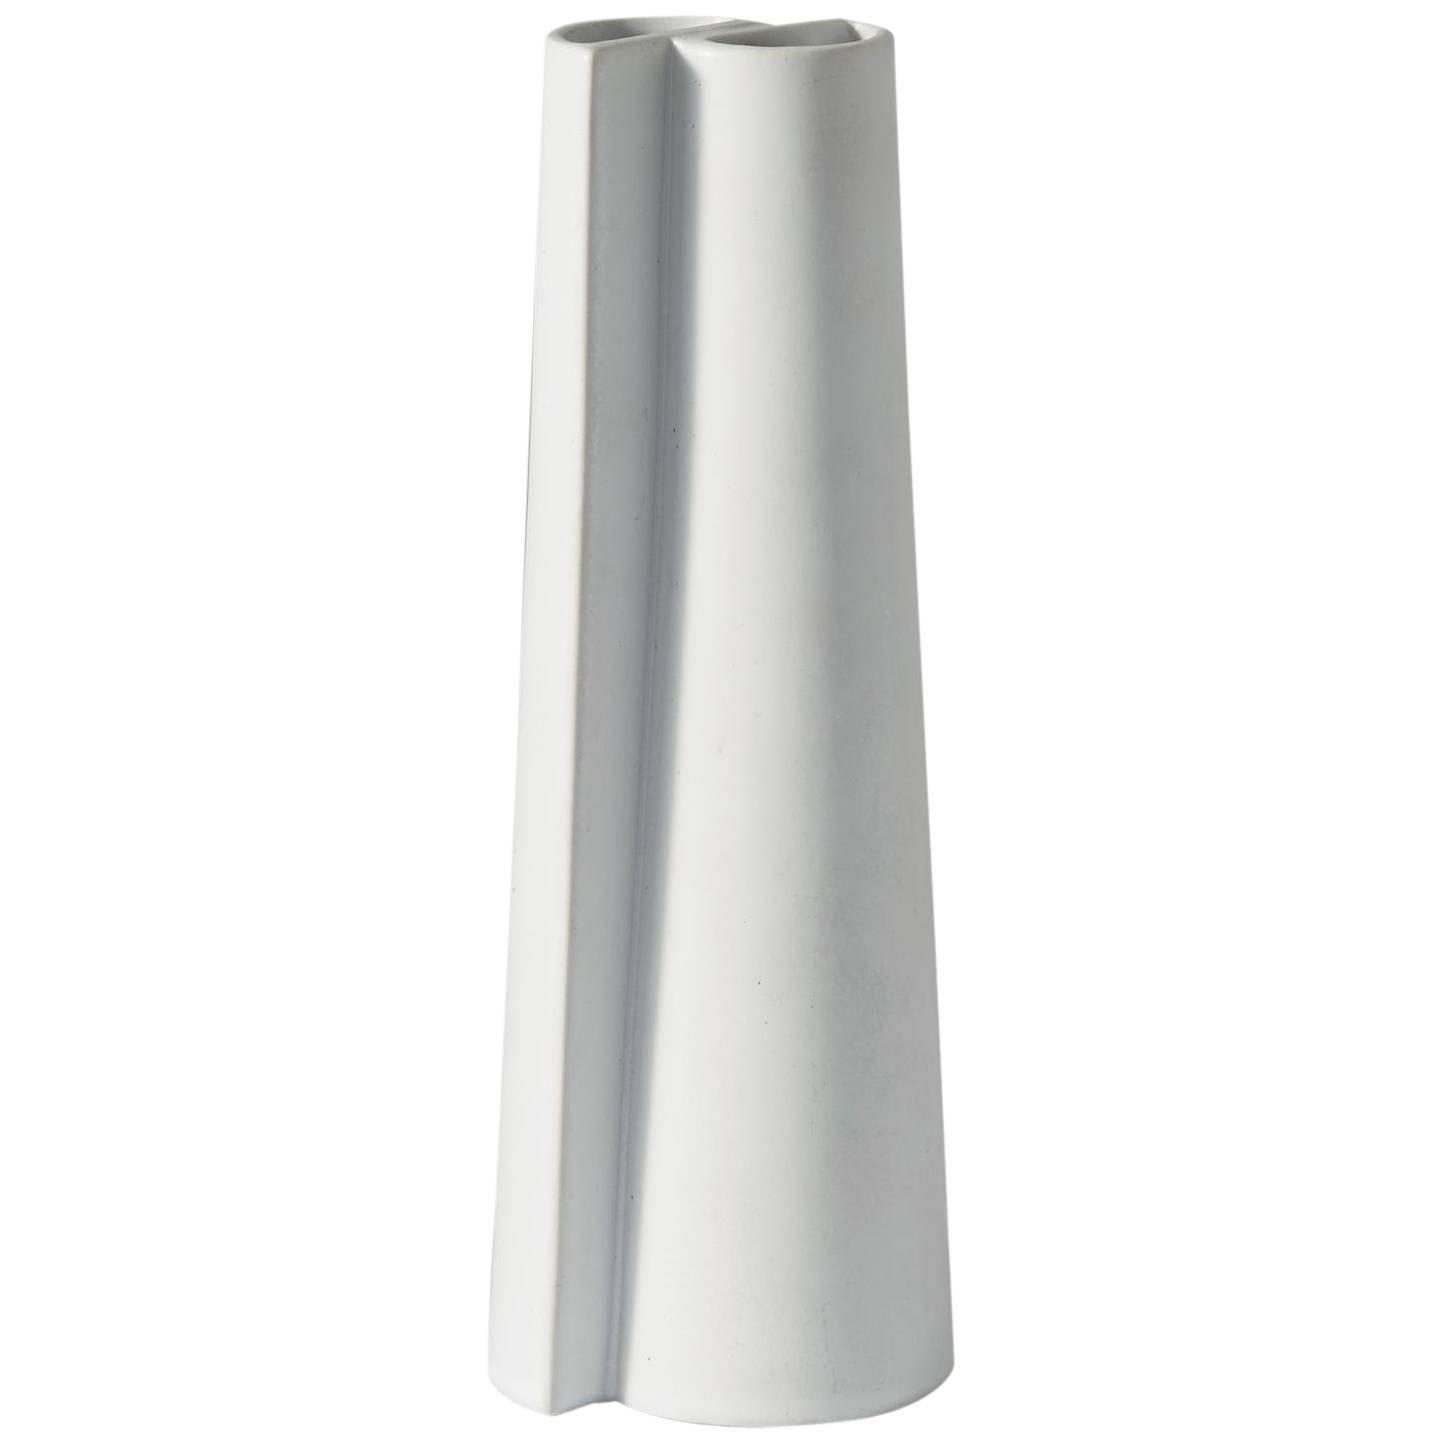 Vase, Surrea, Designed by Wilhelm Kåge for Gustavsberg, Sweden, 1940s